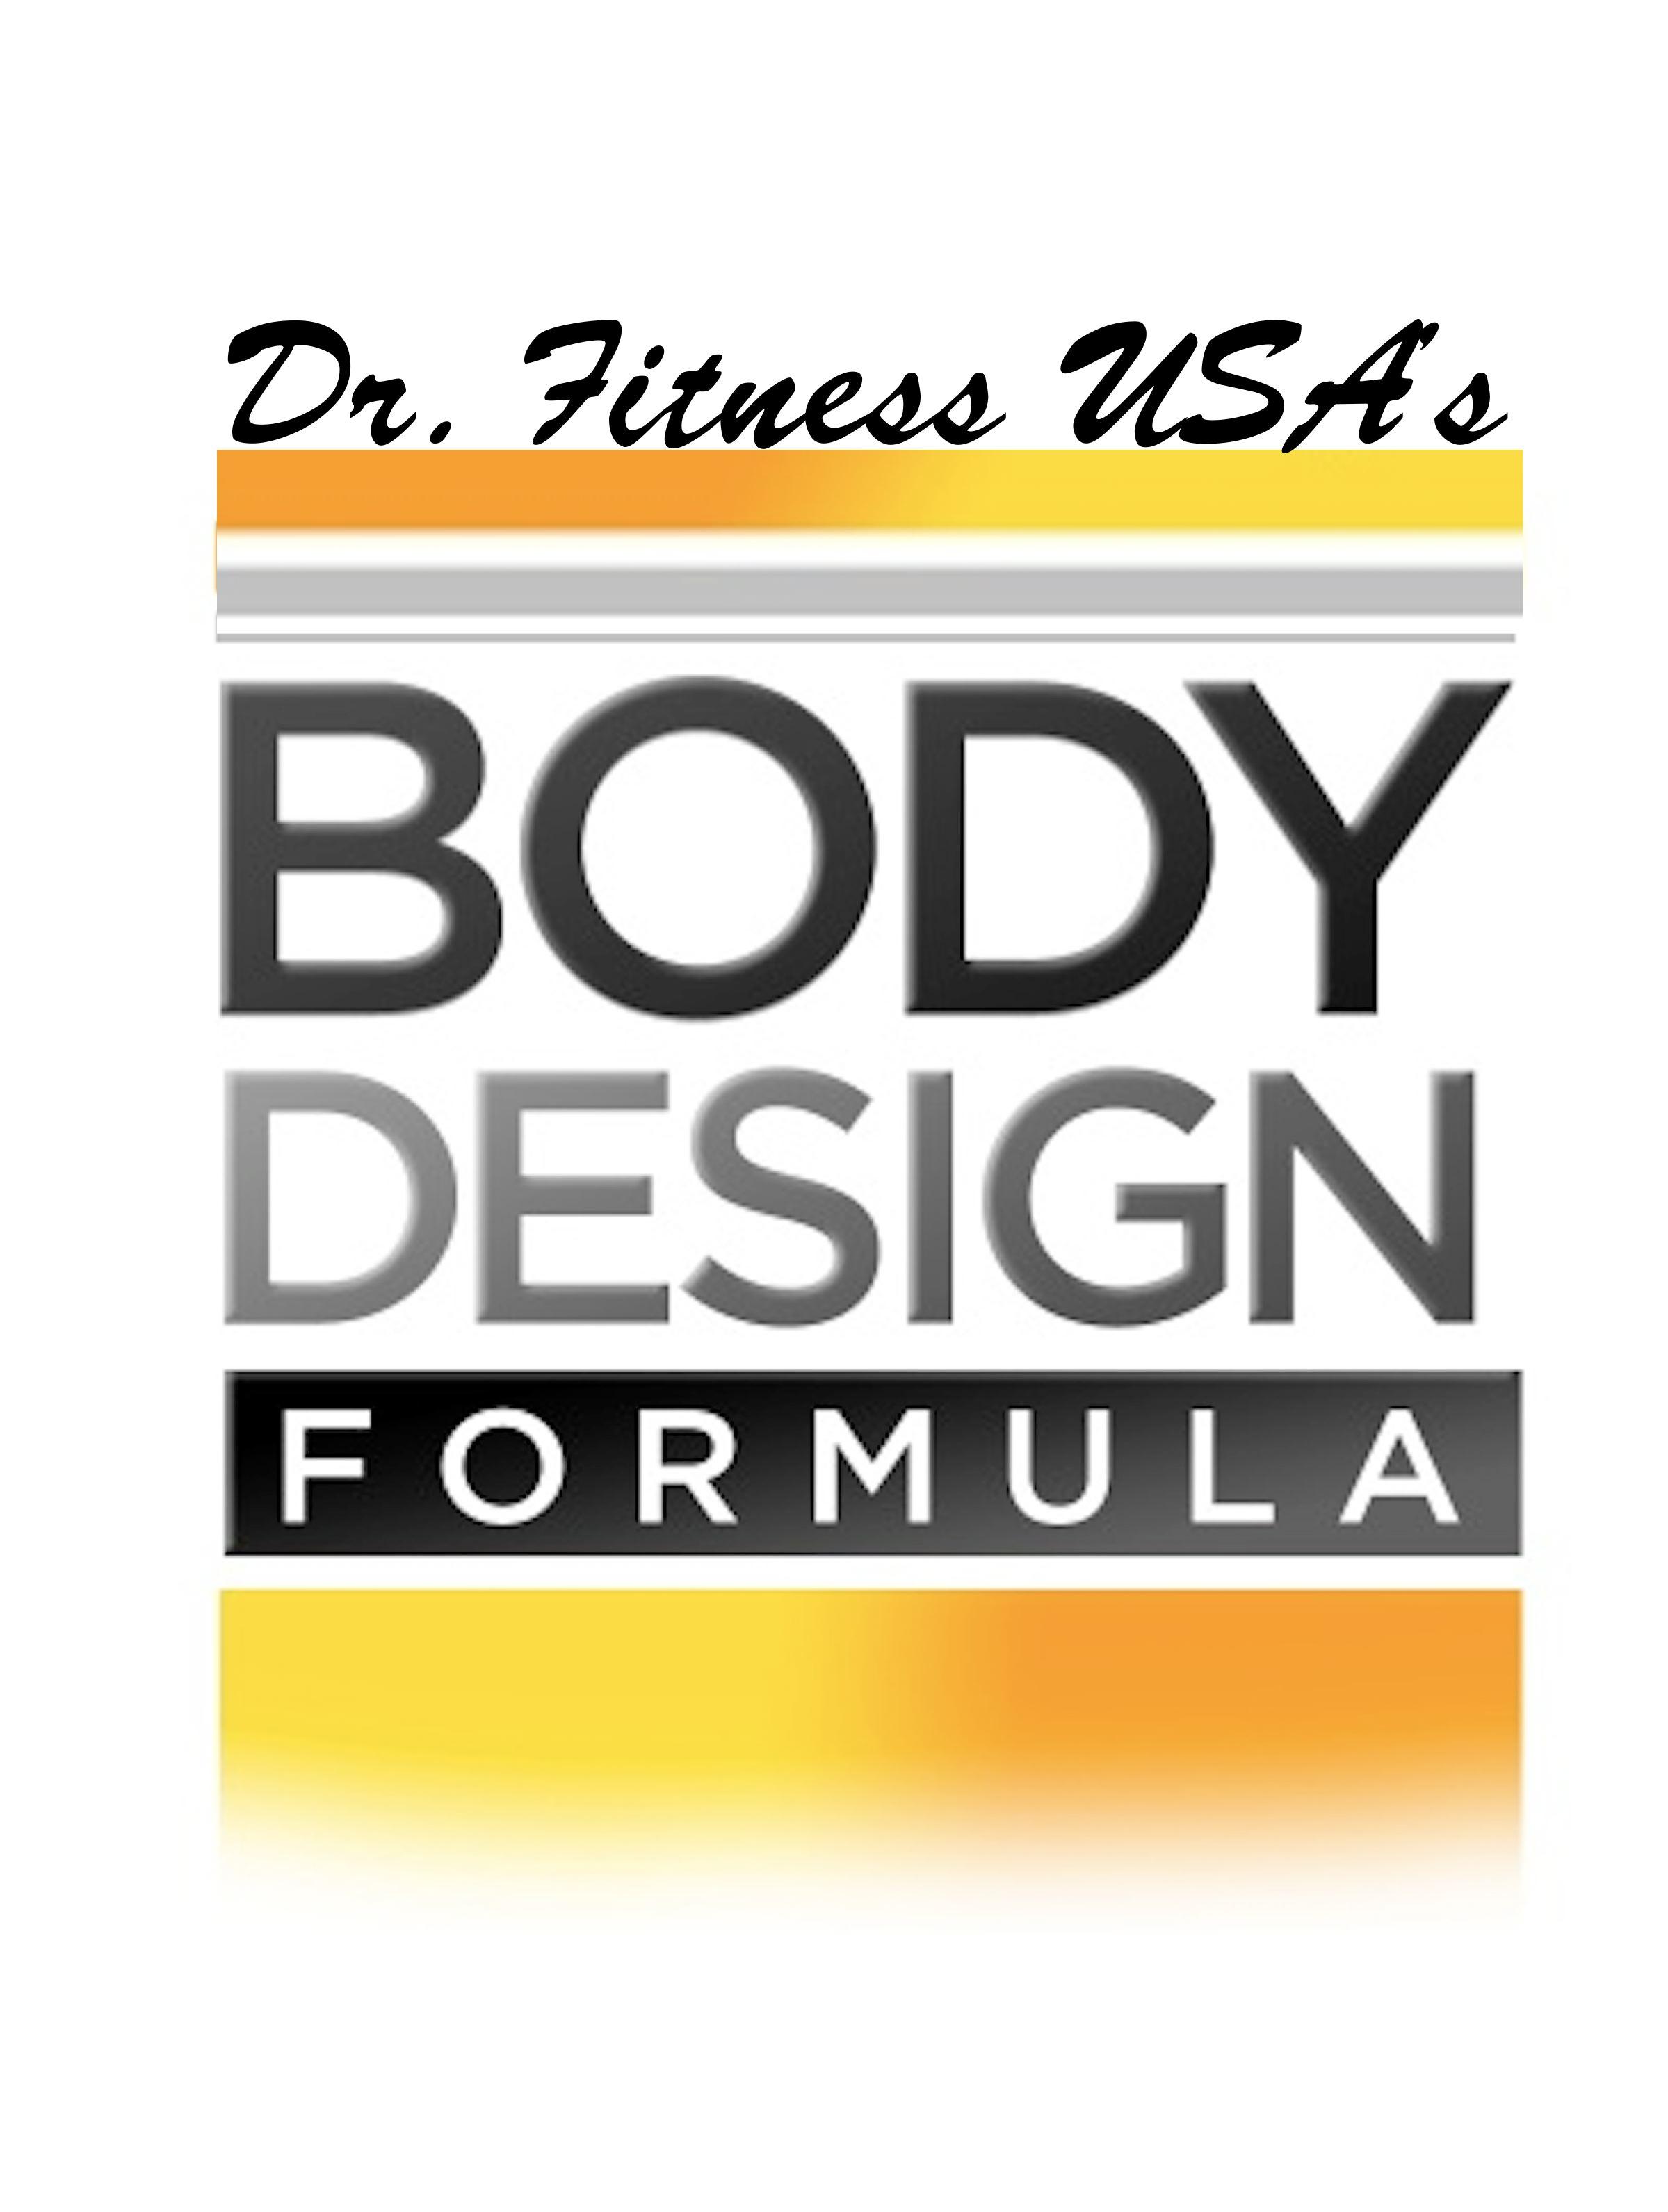 Dr. Fitness USA